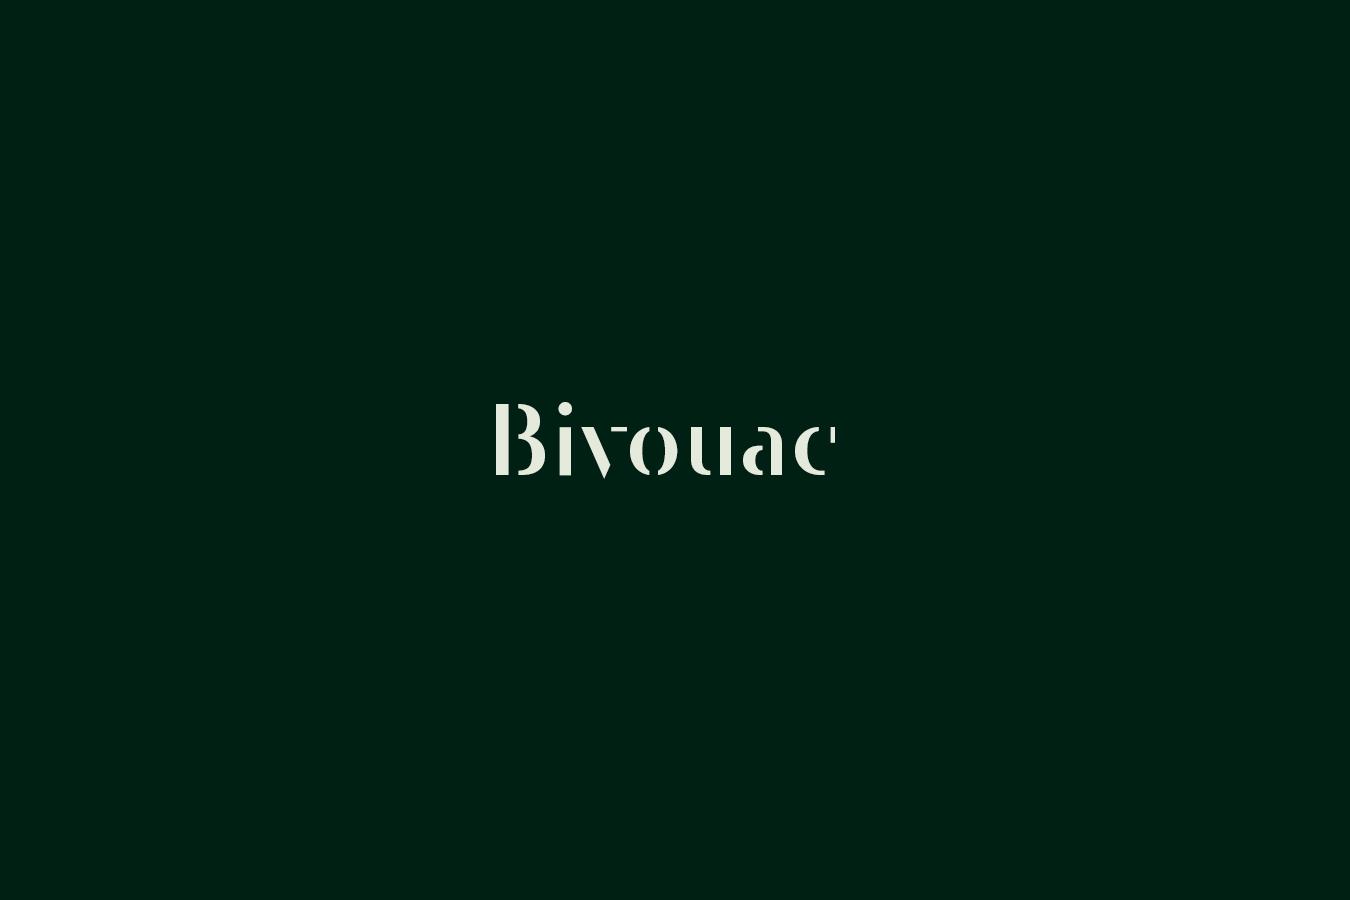 domaine-de-ronchinne-hebergements-insolites-bivouac-01.jpg